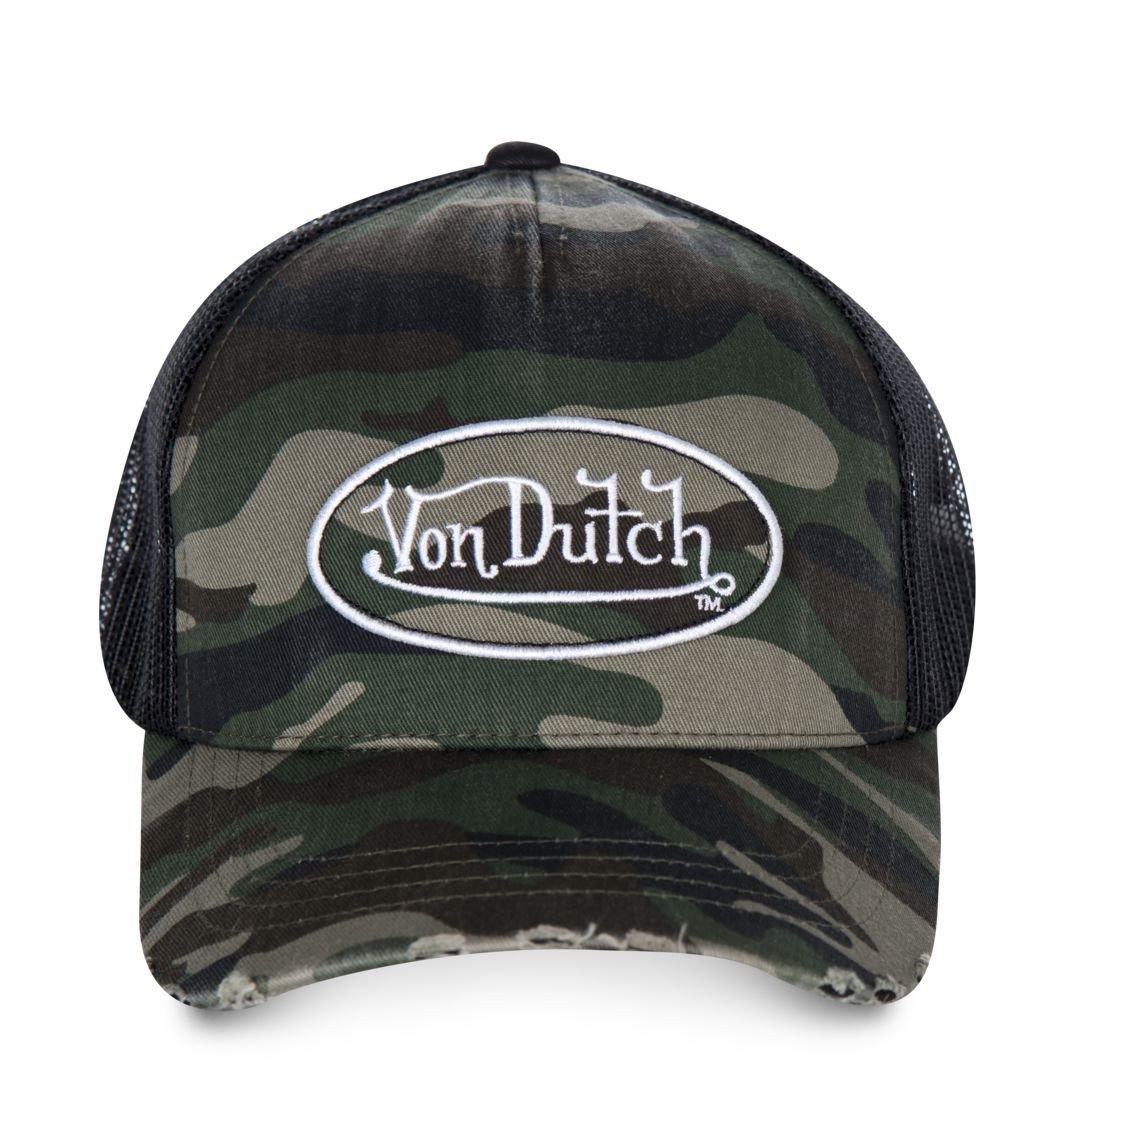 Von Dutch gorra de beisbol hombre Camuflaje: Amazon.es: Ropa y accesorios